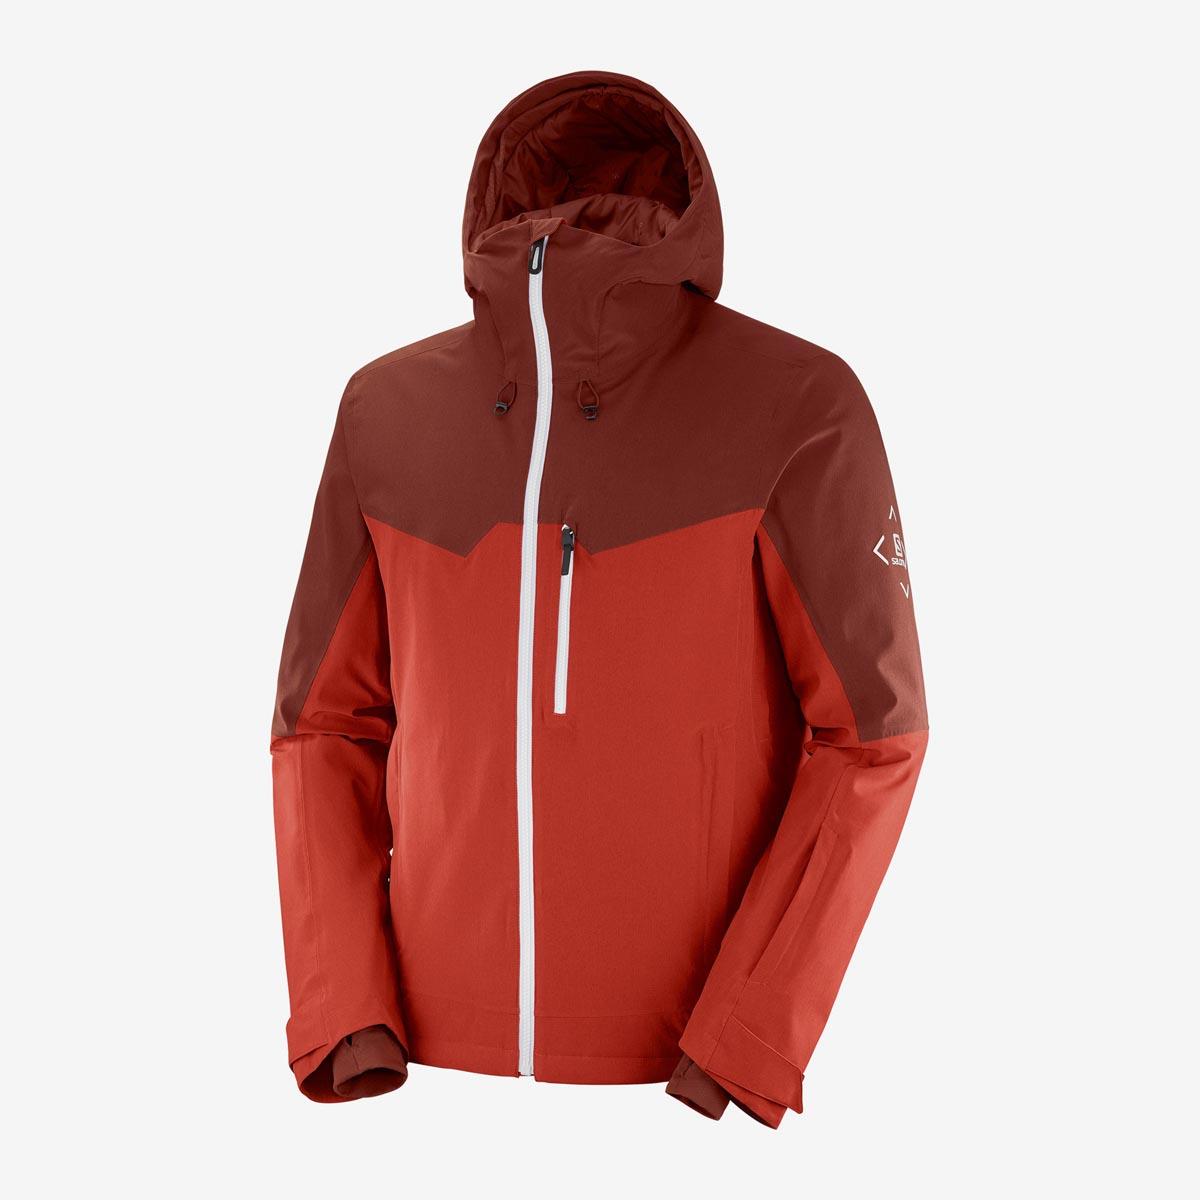 Куртка лыжная UNTRACKED JKT M